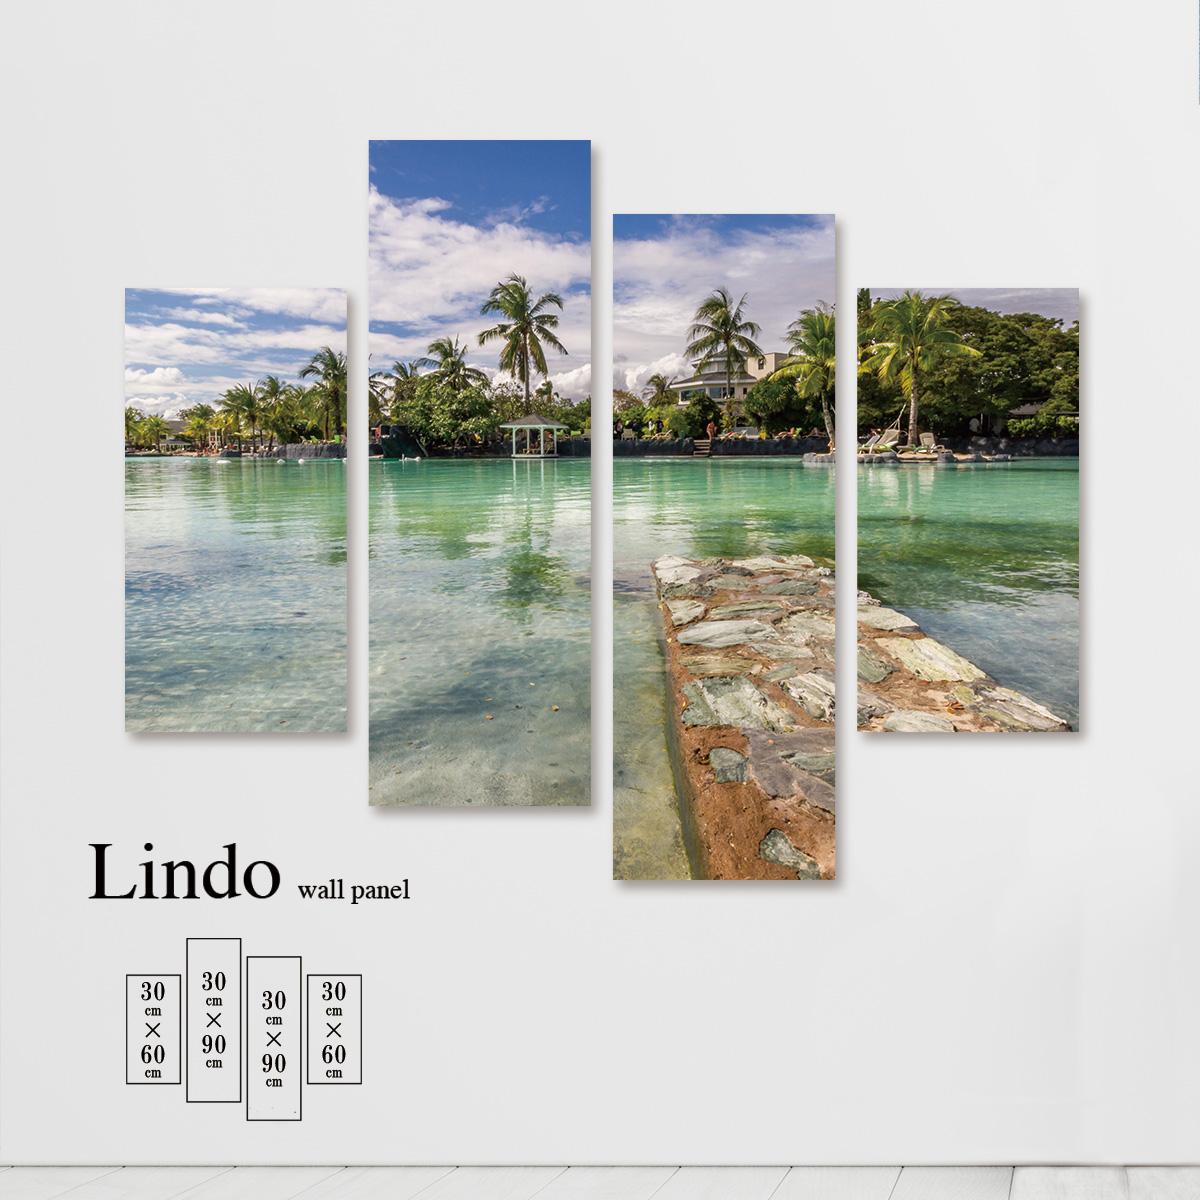 アートパネル 海 海面 海岸 浜辺 ビーチ 風景 景色 水面 青空 壁掛け 北欧 お洒落 デザイン ファブリック 壁飾り アートボード 4枚パネル